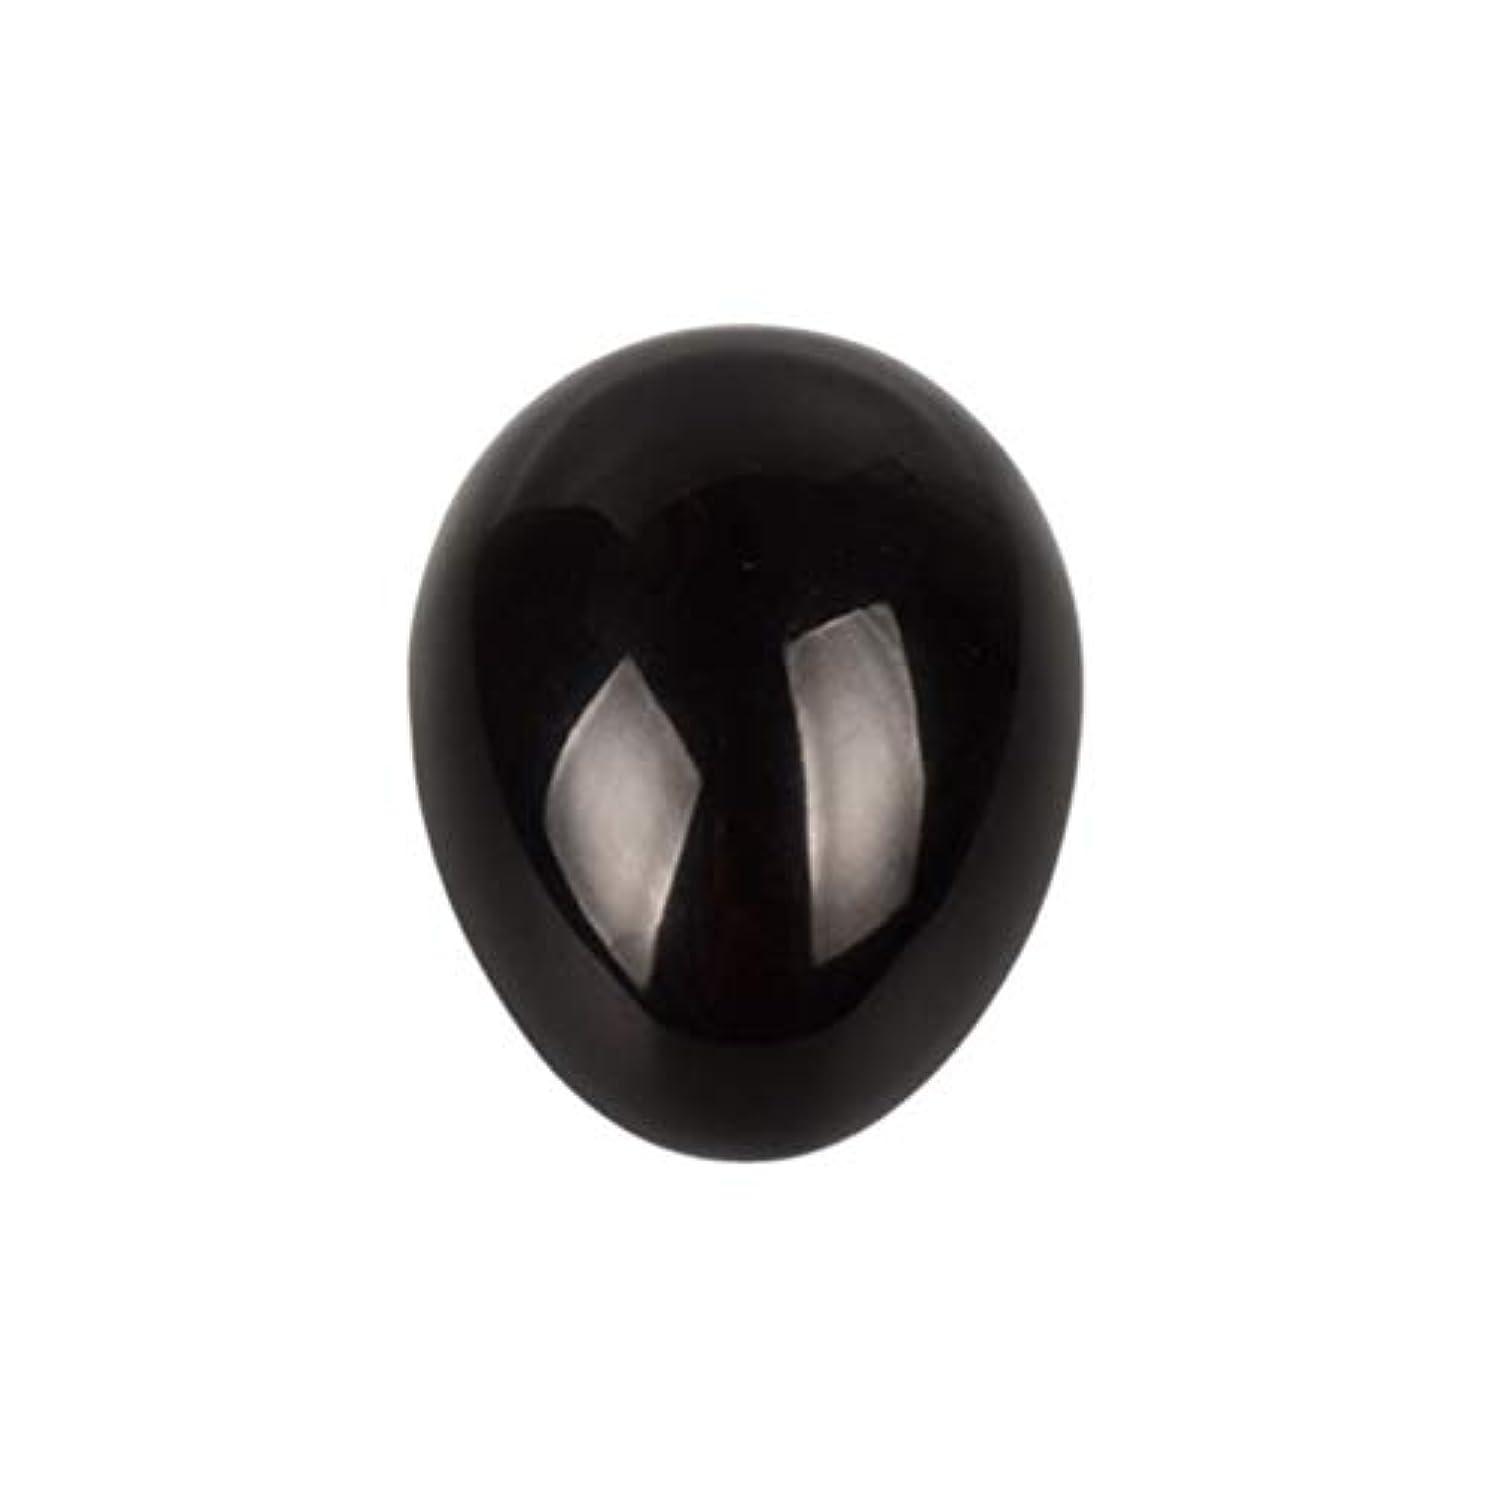 反対するほとんどの場合アシスタントSUPVOX 45×30×30ミリメートルのバランスをとる瞑想チャクラを癒すための黒曜石宝石用原石の卵球